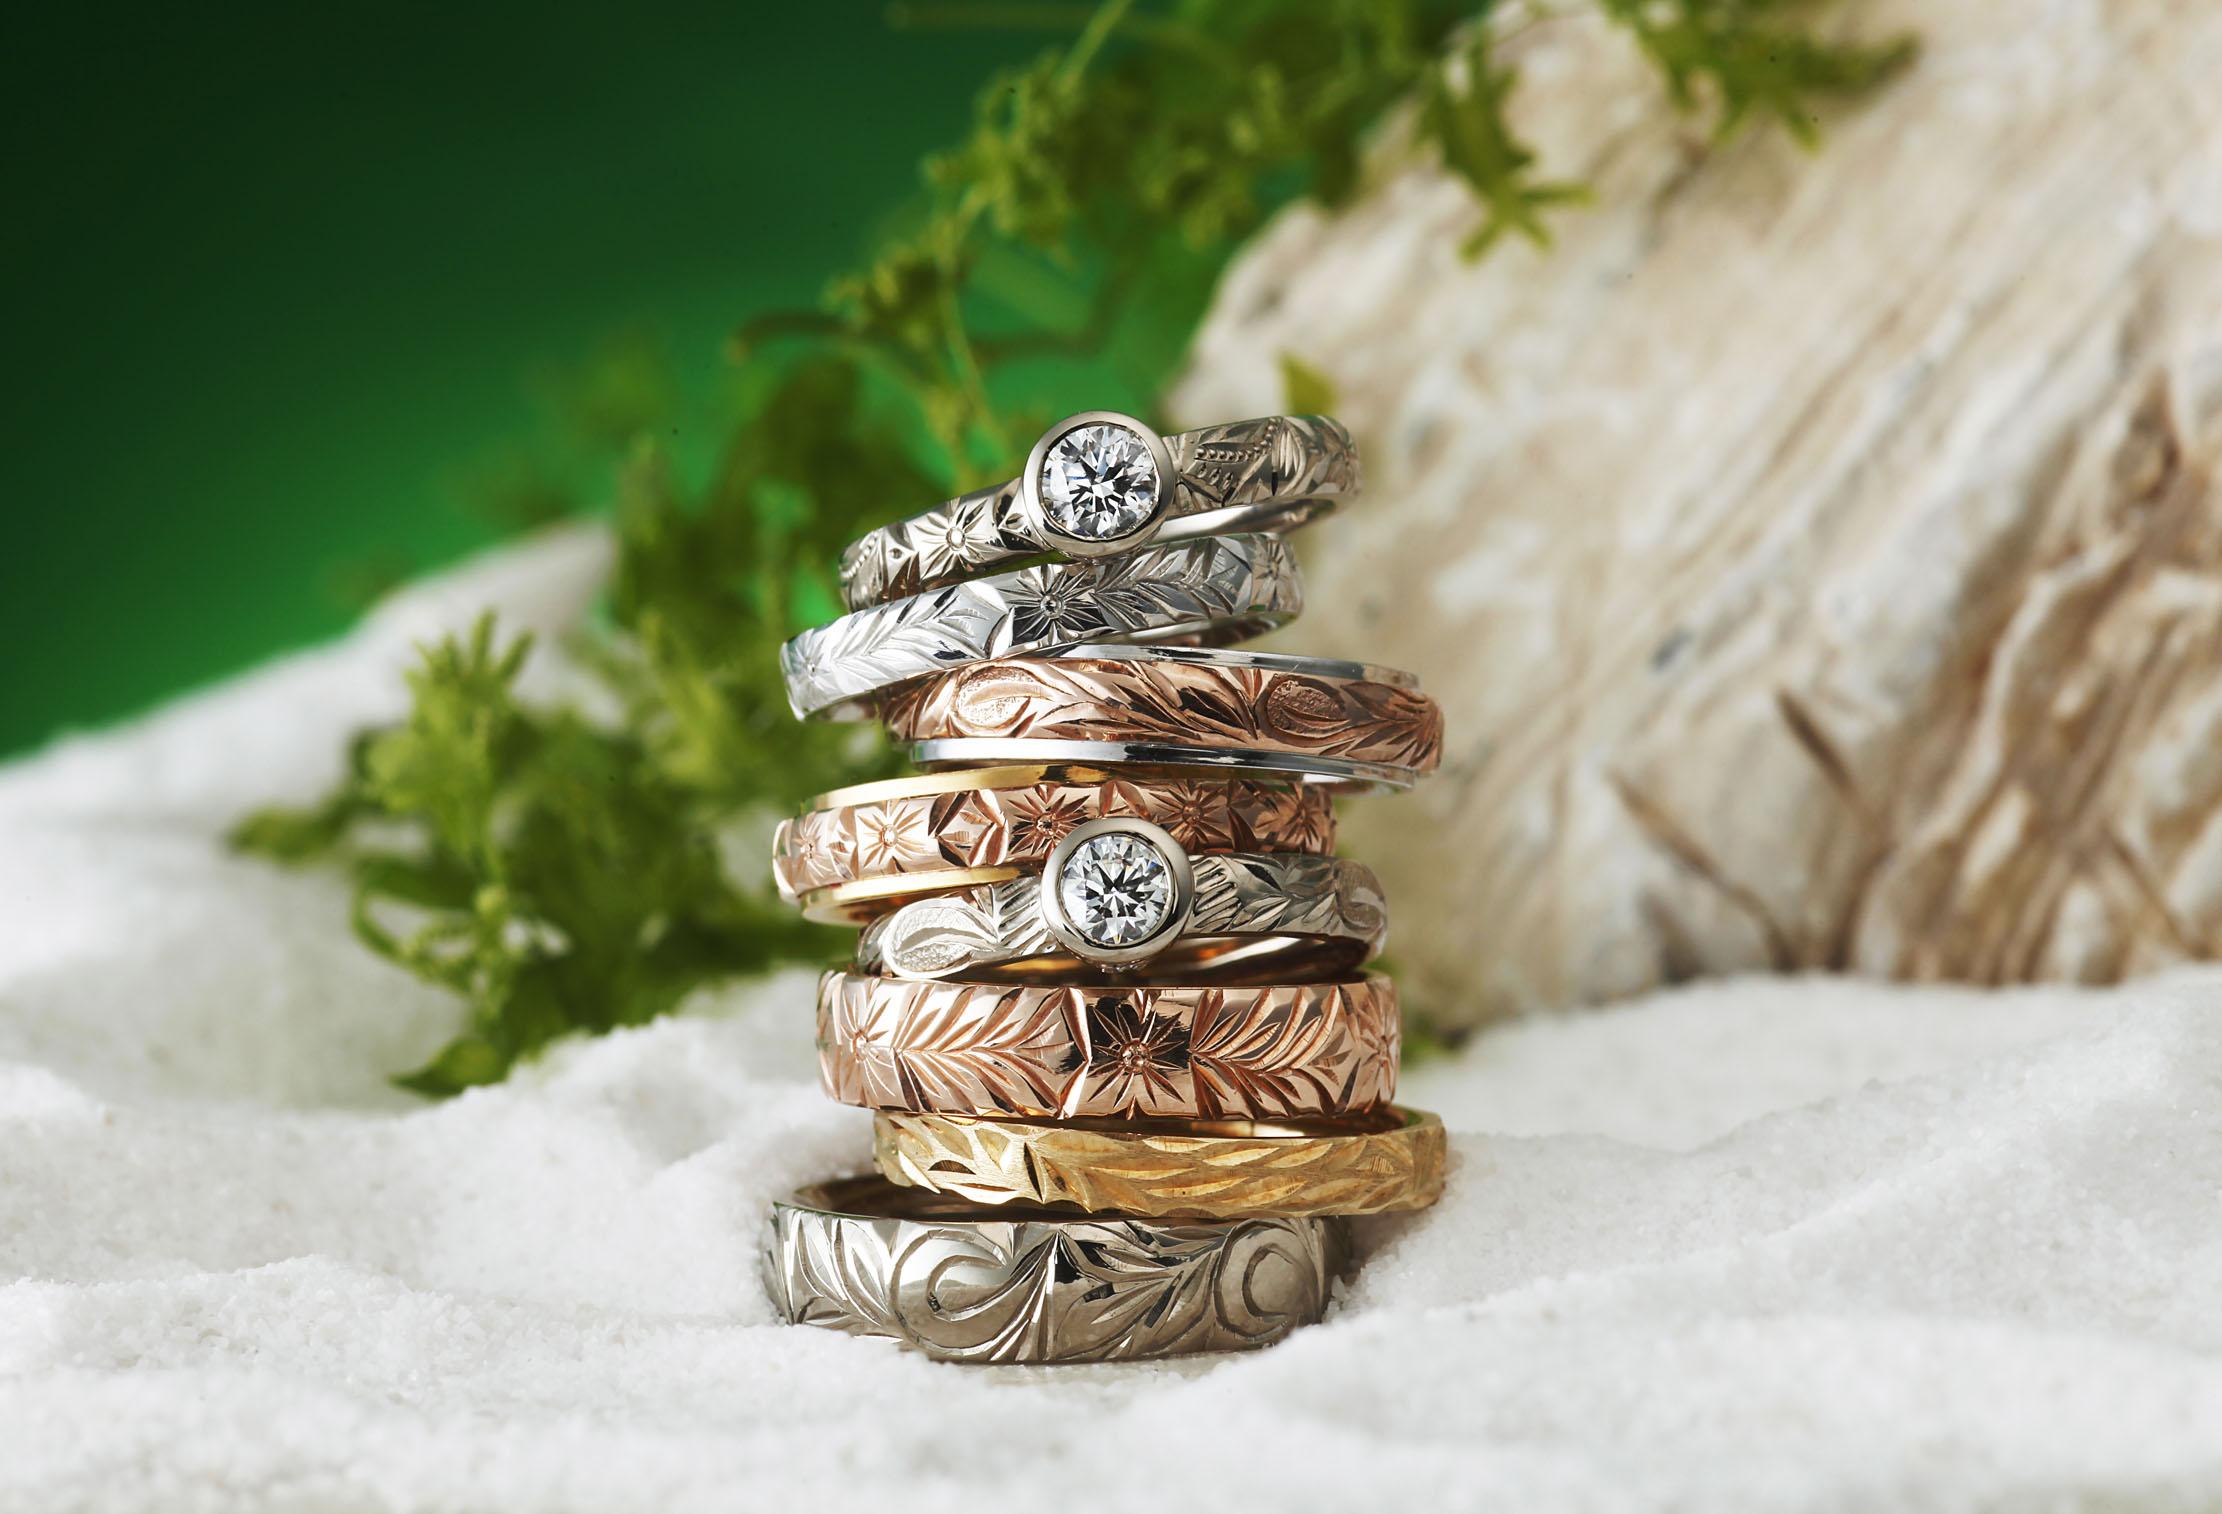 【静岡市】ハワイアンジュエリーで結婚指輪!こだわりの製造方法と手堀りで仕上げた『HEART ISLAND』